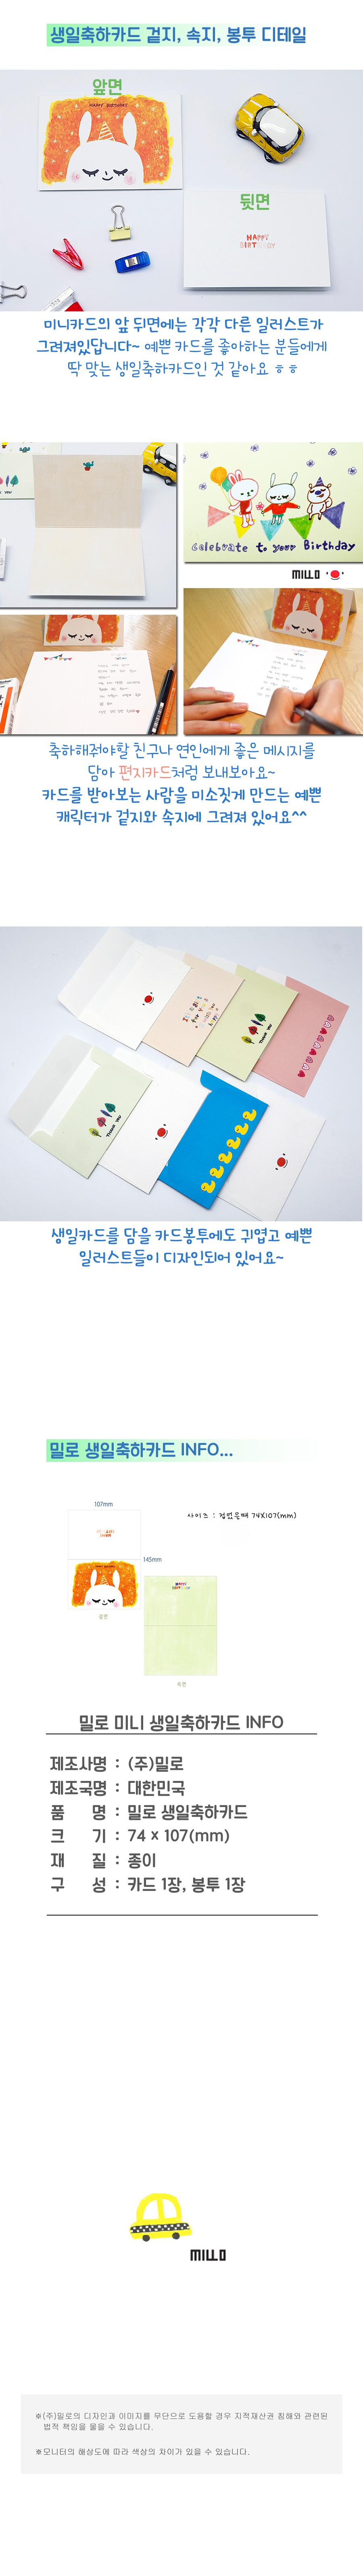 알록달록 미니 생일축하카드 8종 1세트 - 밀로, 3,900원, 카드, 카드 세트